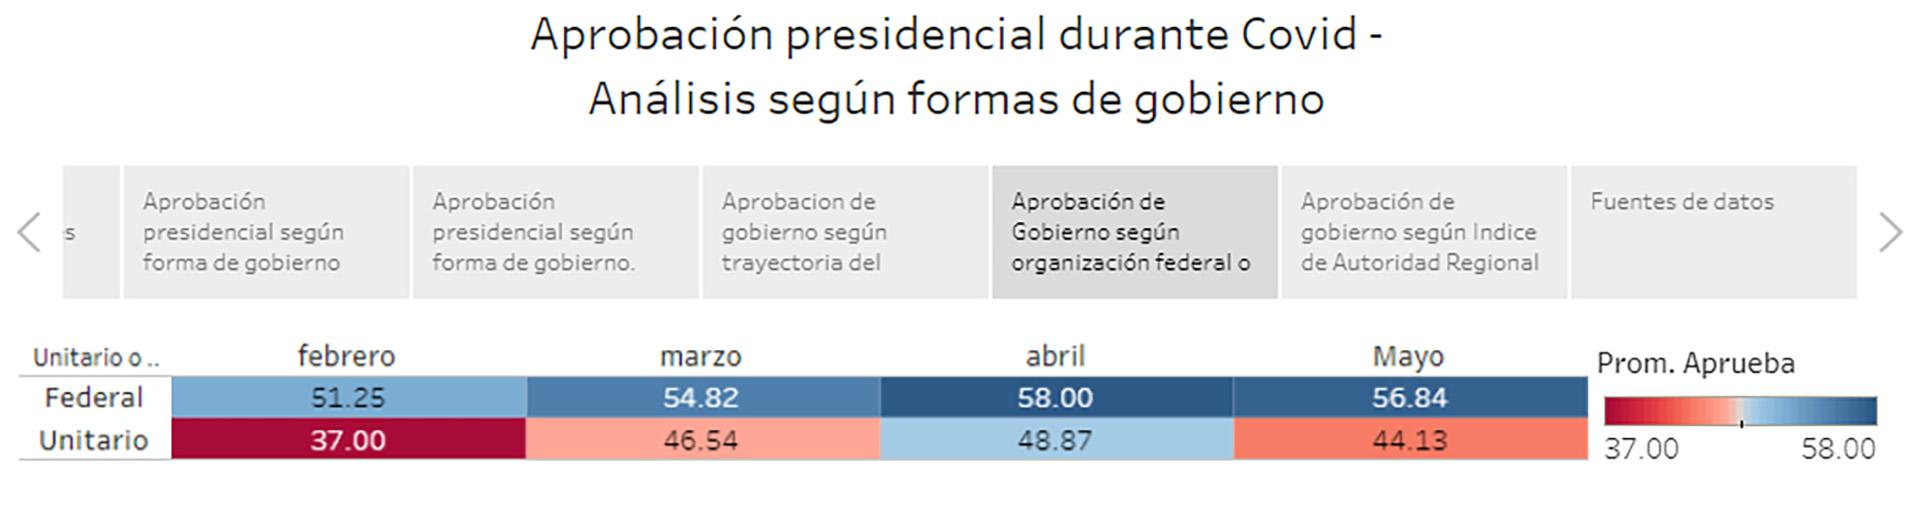 Aprobación presidencial según organización federal o unitaria